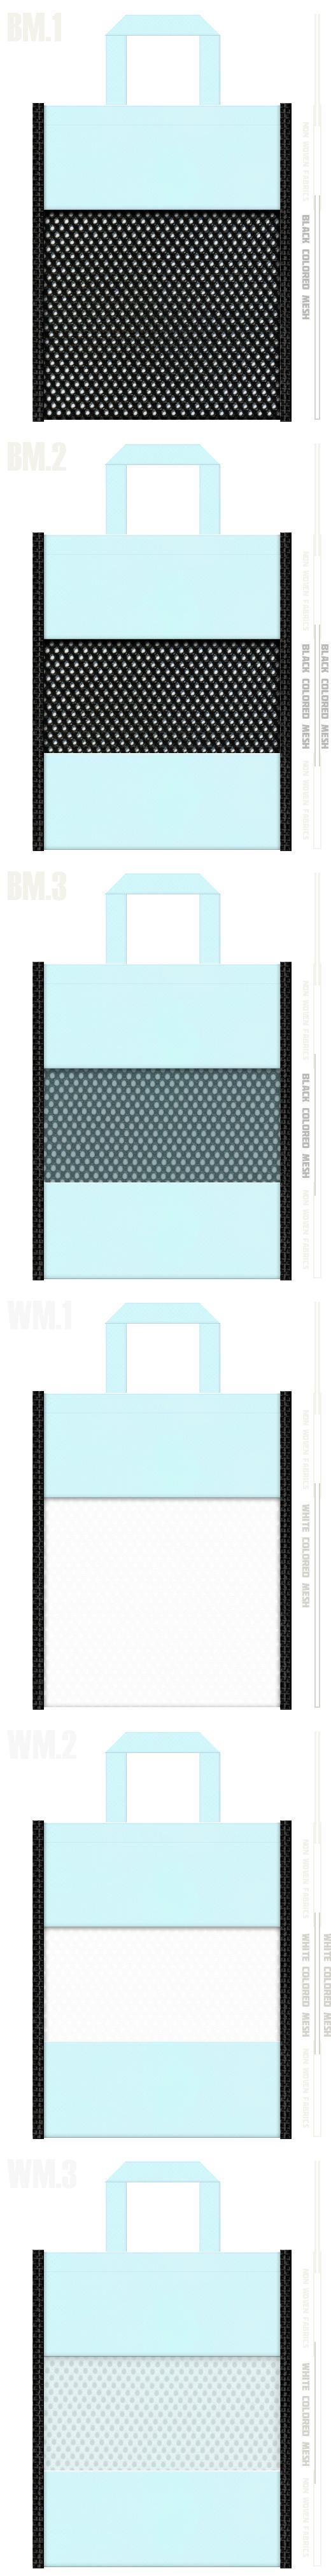 フラットタイプのメッシュバッグのカラーシミュレーション:黒色・白色メッシュと水色不織布の組み合わせ